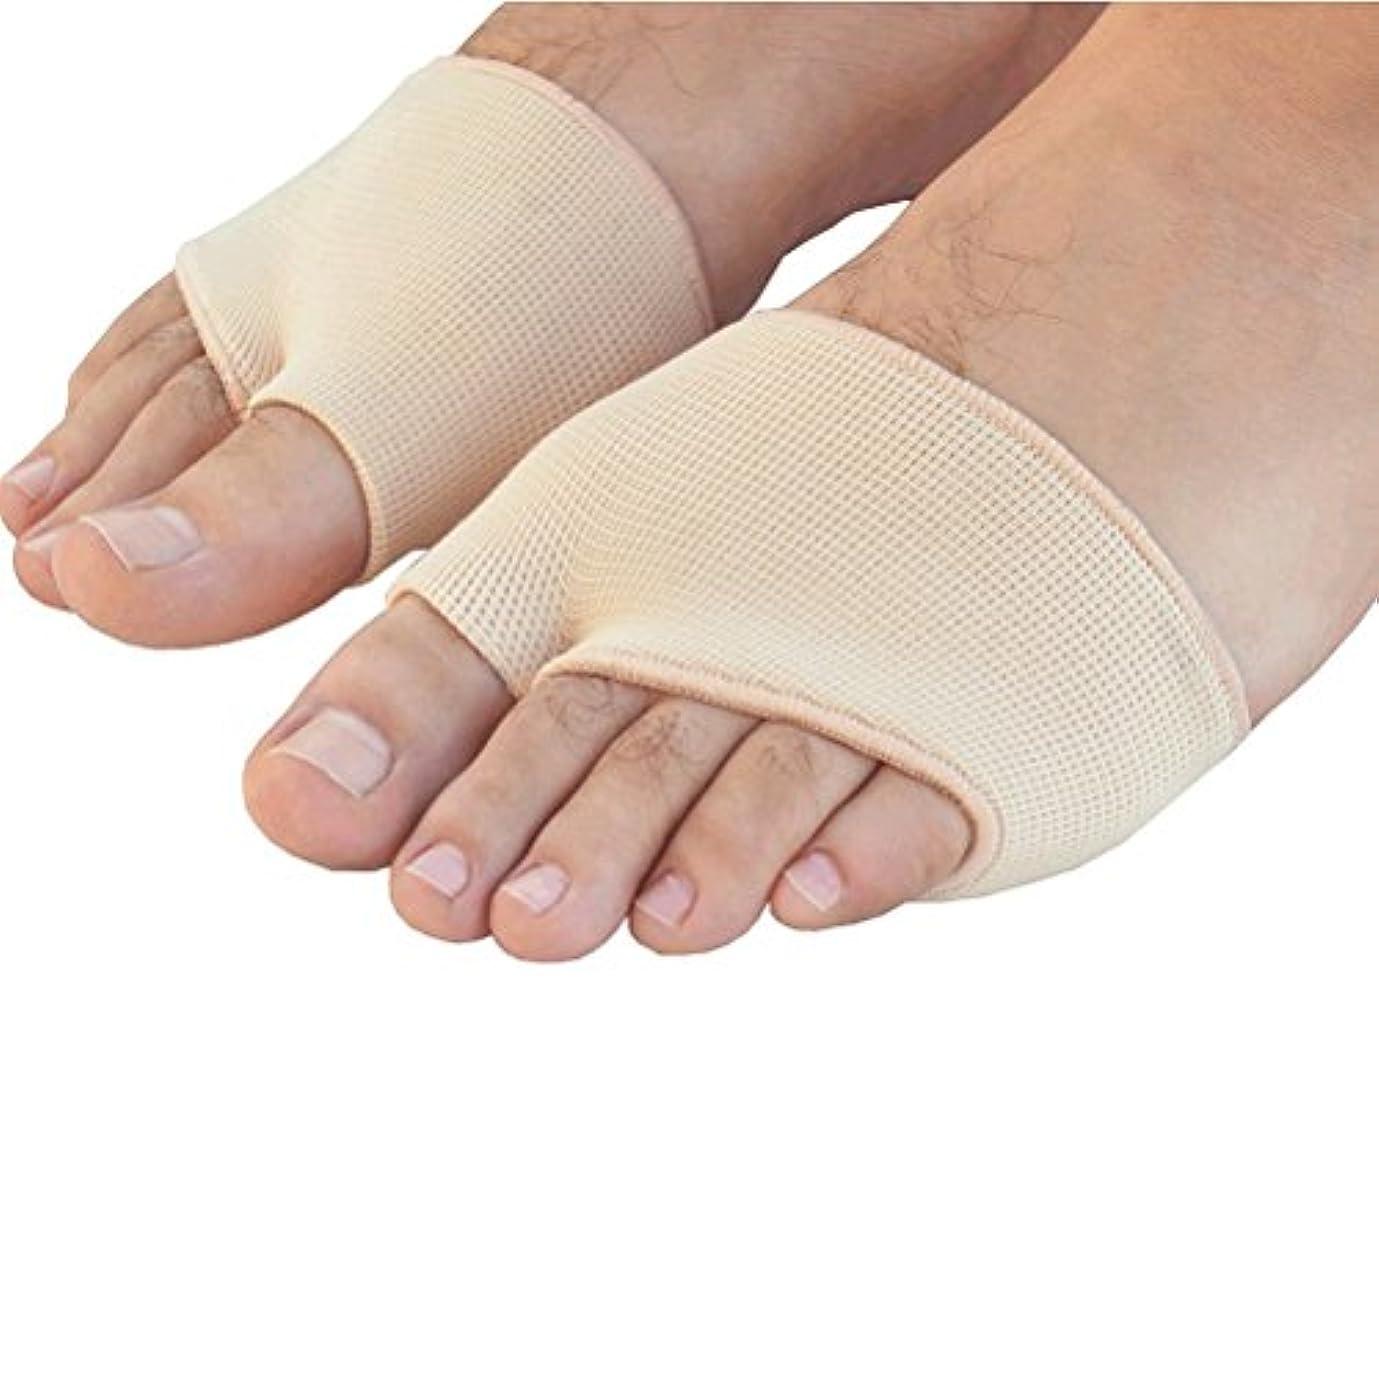 居心地の良い適格硬いROSENICE ゲル前足中足骨の痛み救済吸収クッション パッド 足底筋膜炎インソール 衝撃吸収 サイズS(肌の色)